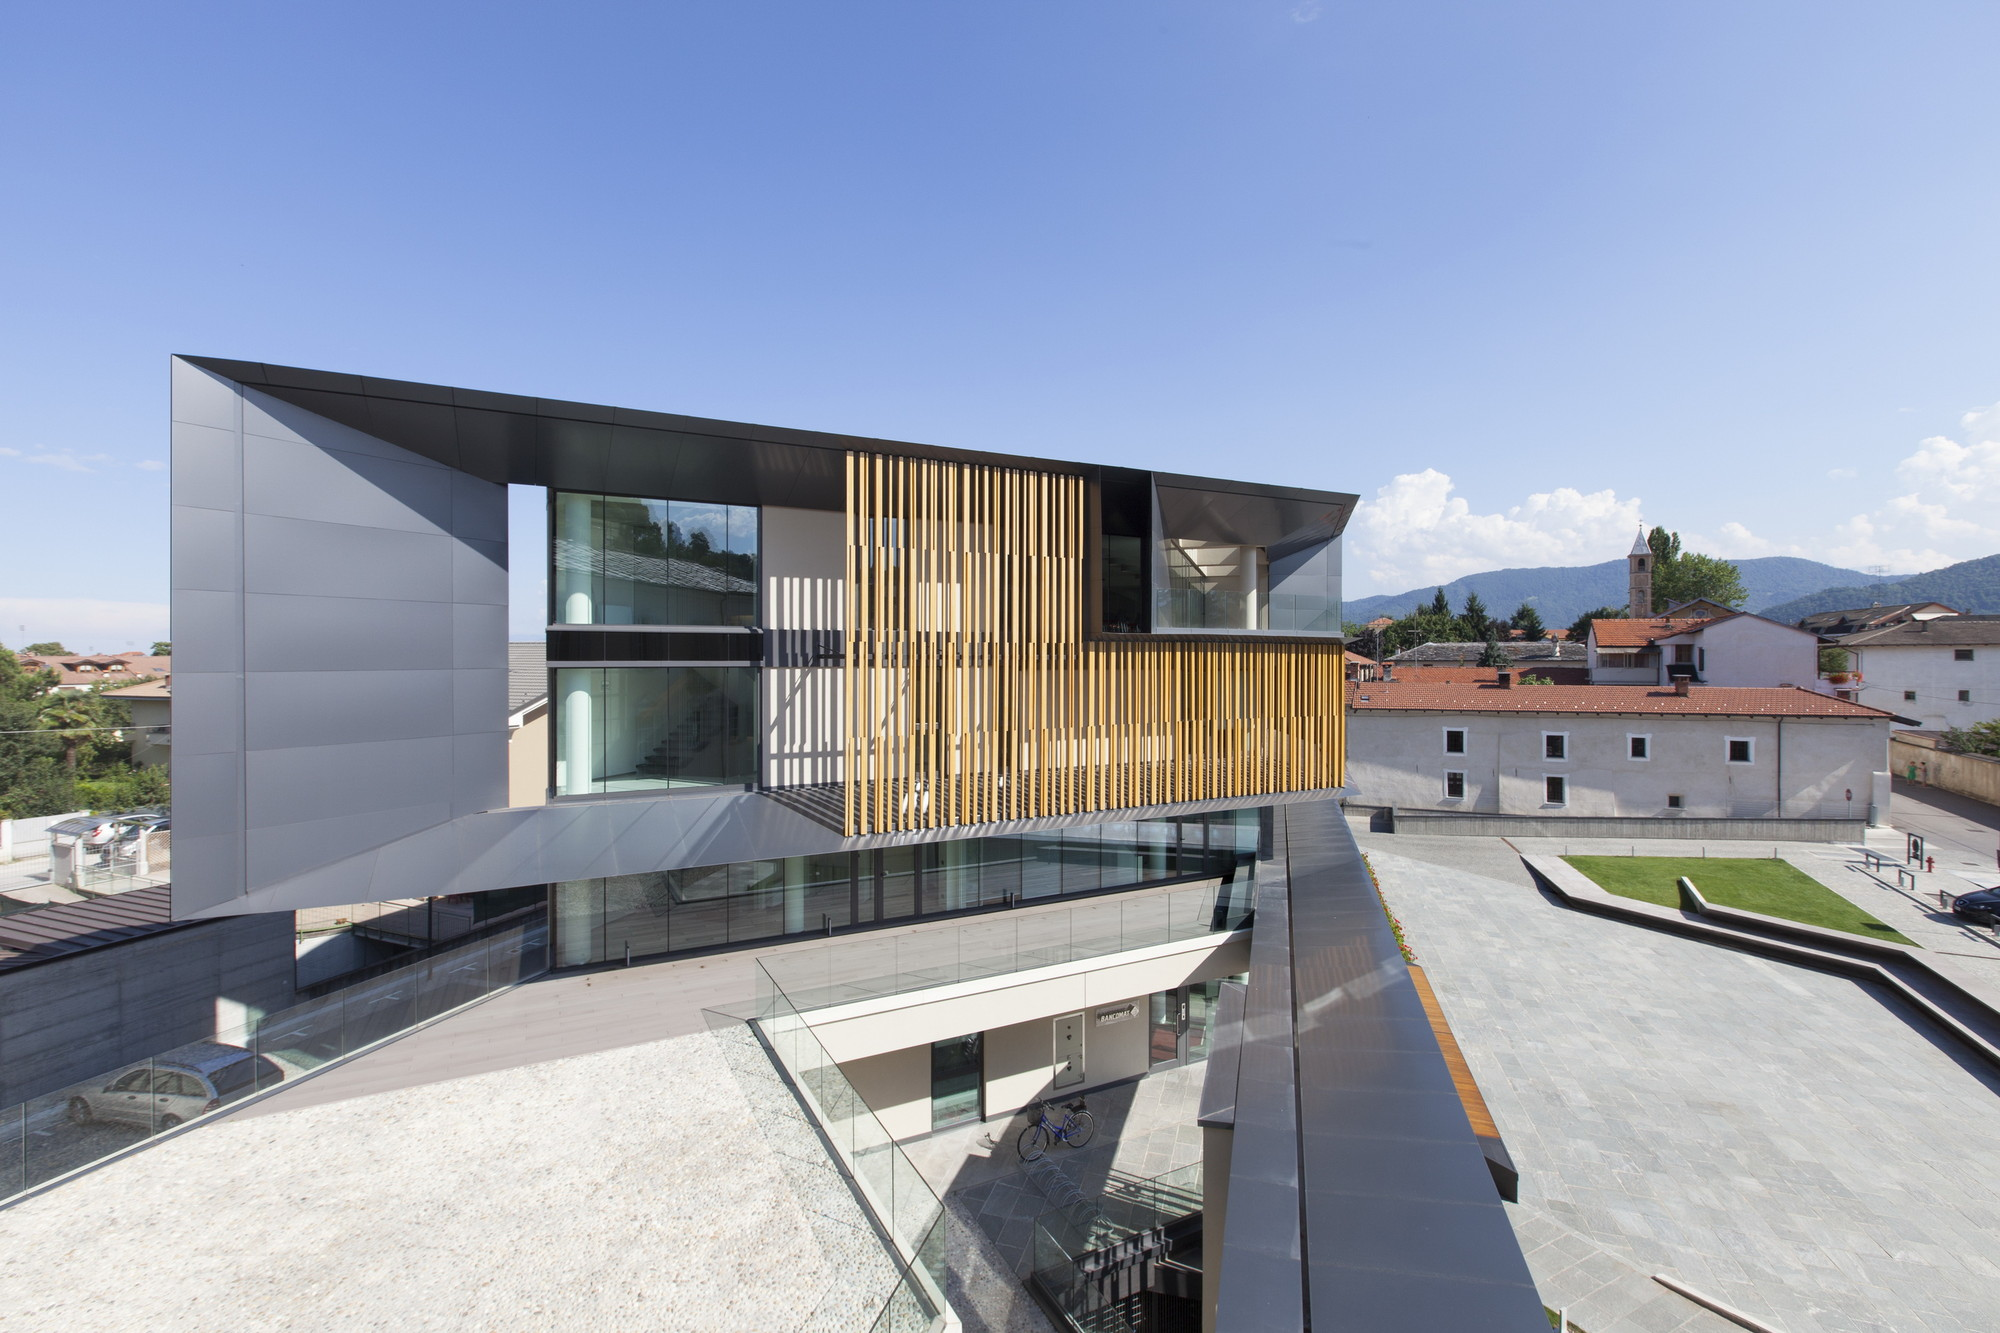 Nuova Sede Banca Credito Cooperativo di Caraglio / Studio Kuadra, © Alberto PIOVANO